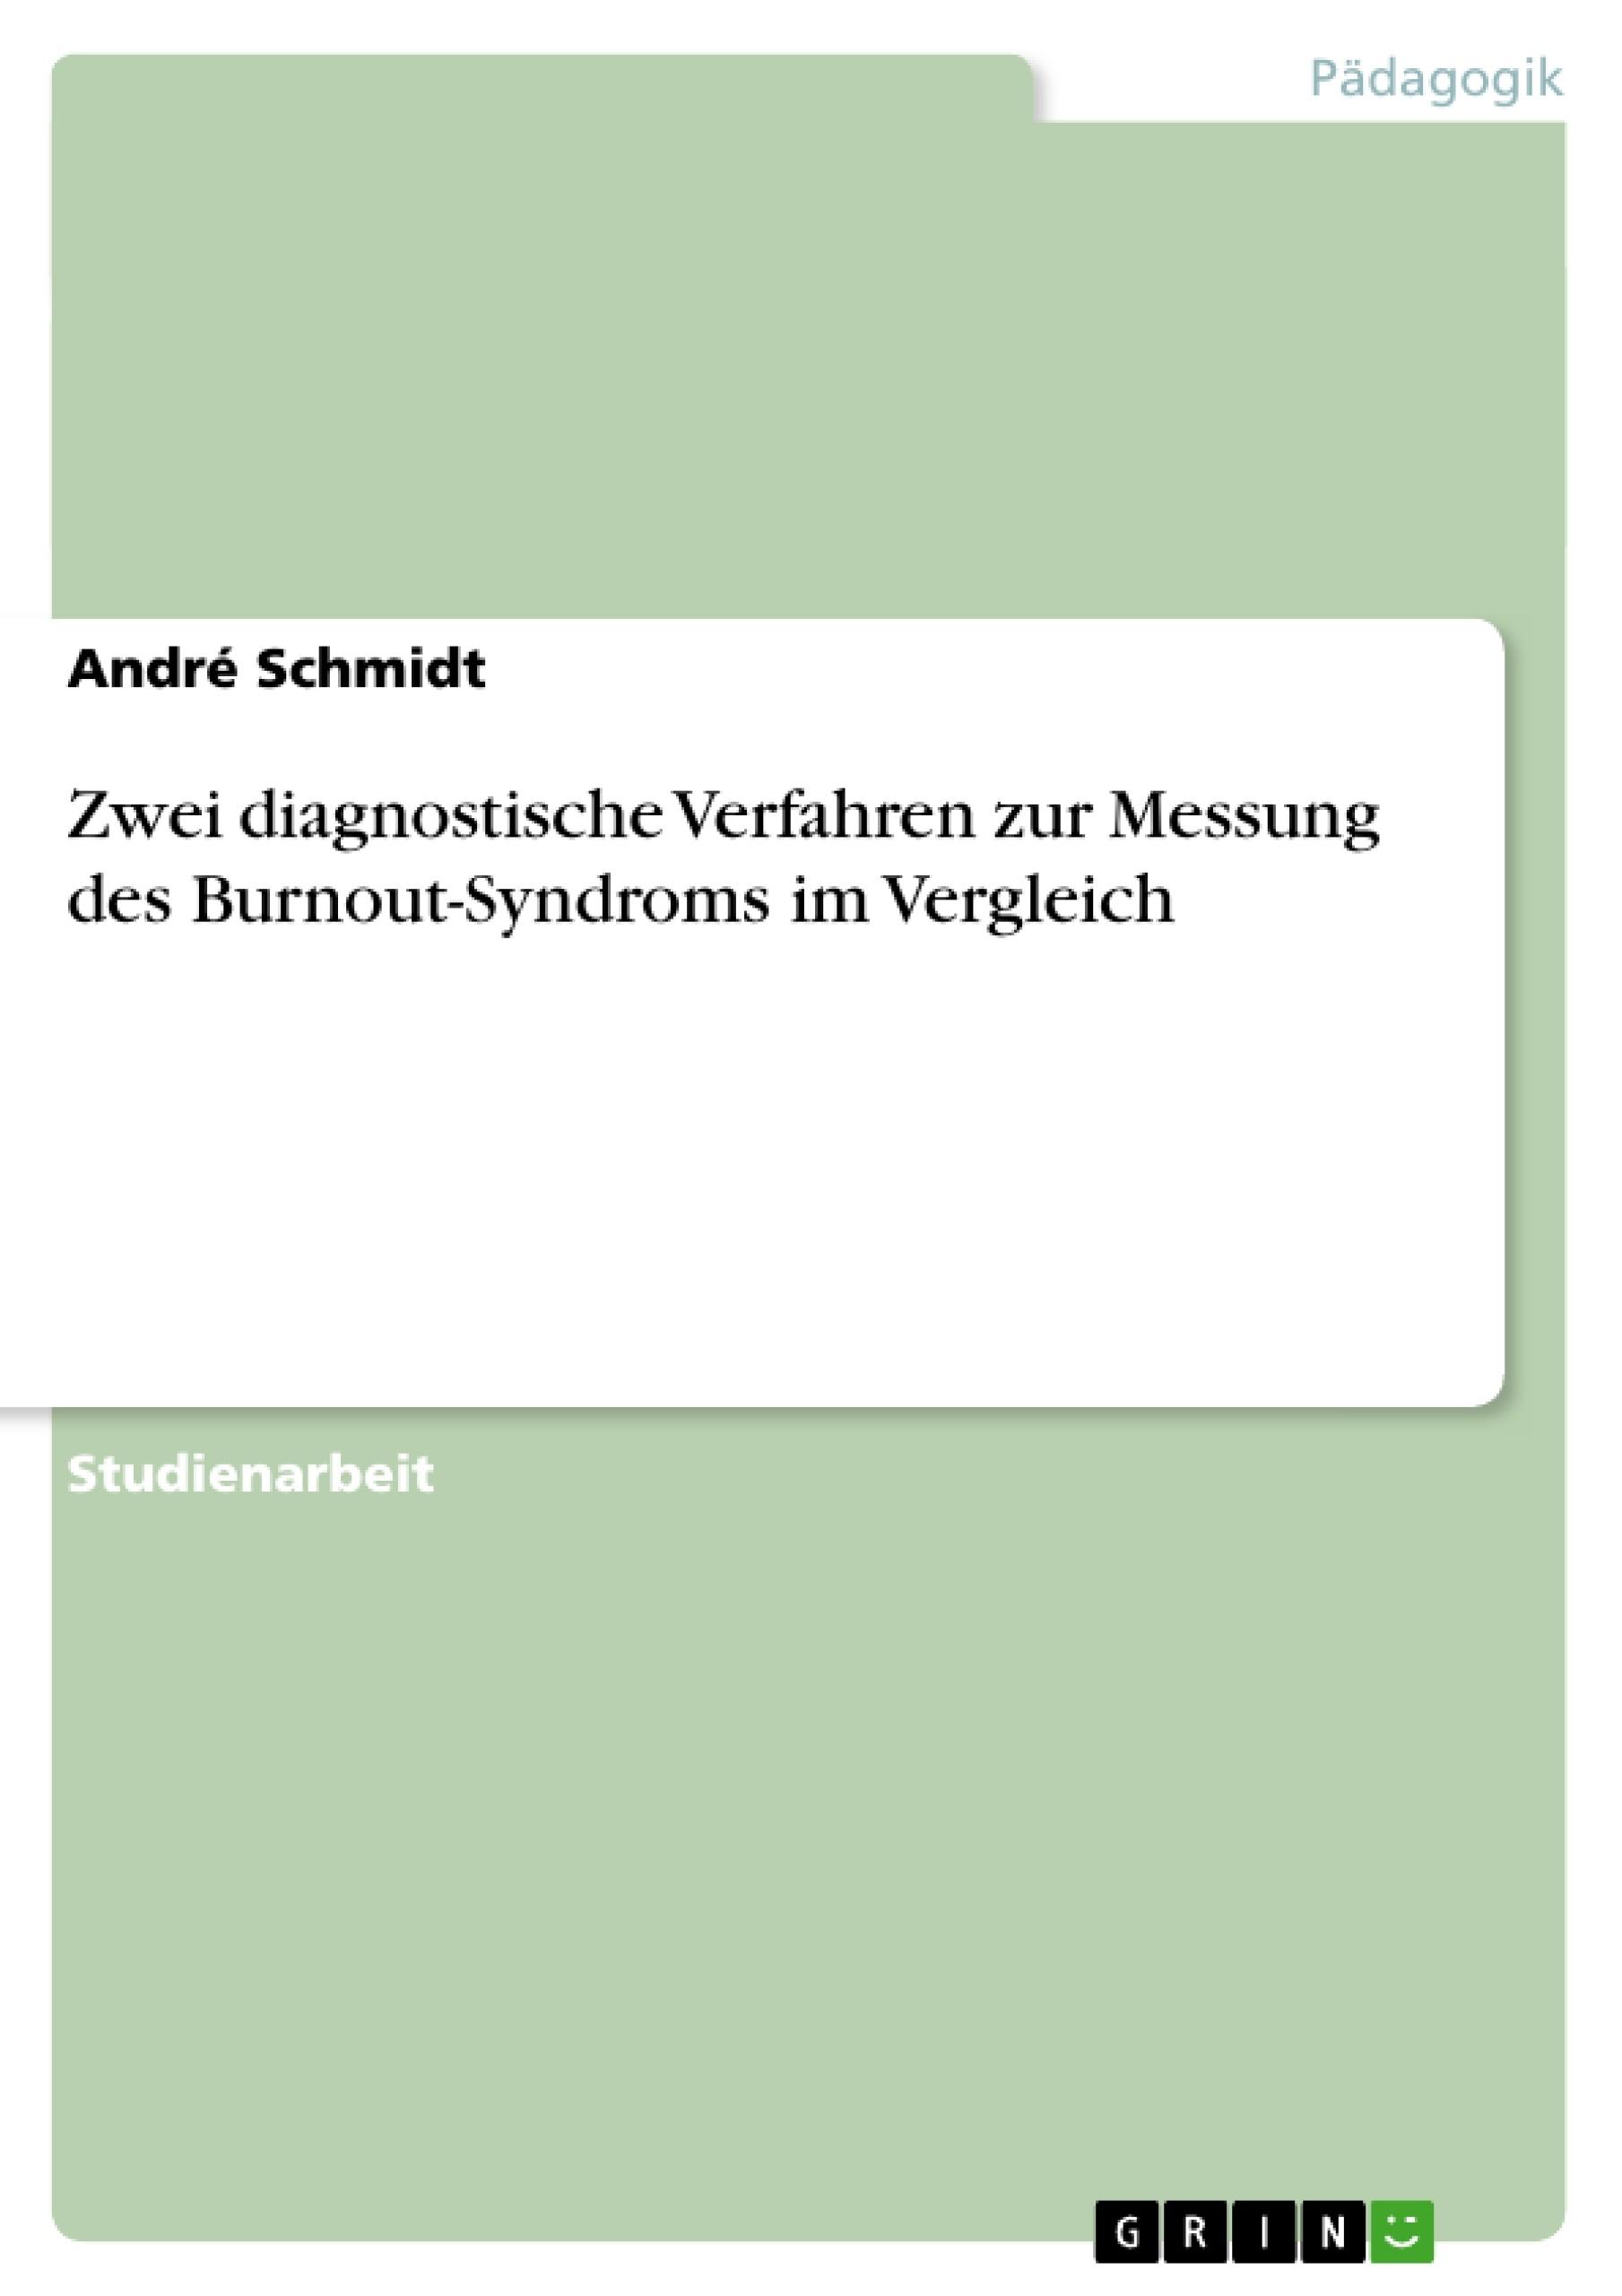 Titel: Zwei diagnostische Verfahren zur Messung des Burnout-Syndroms im Vergleich